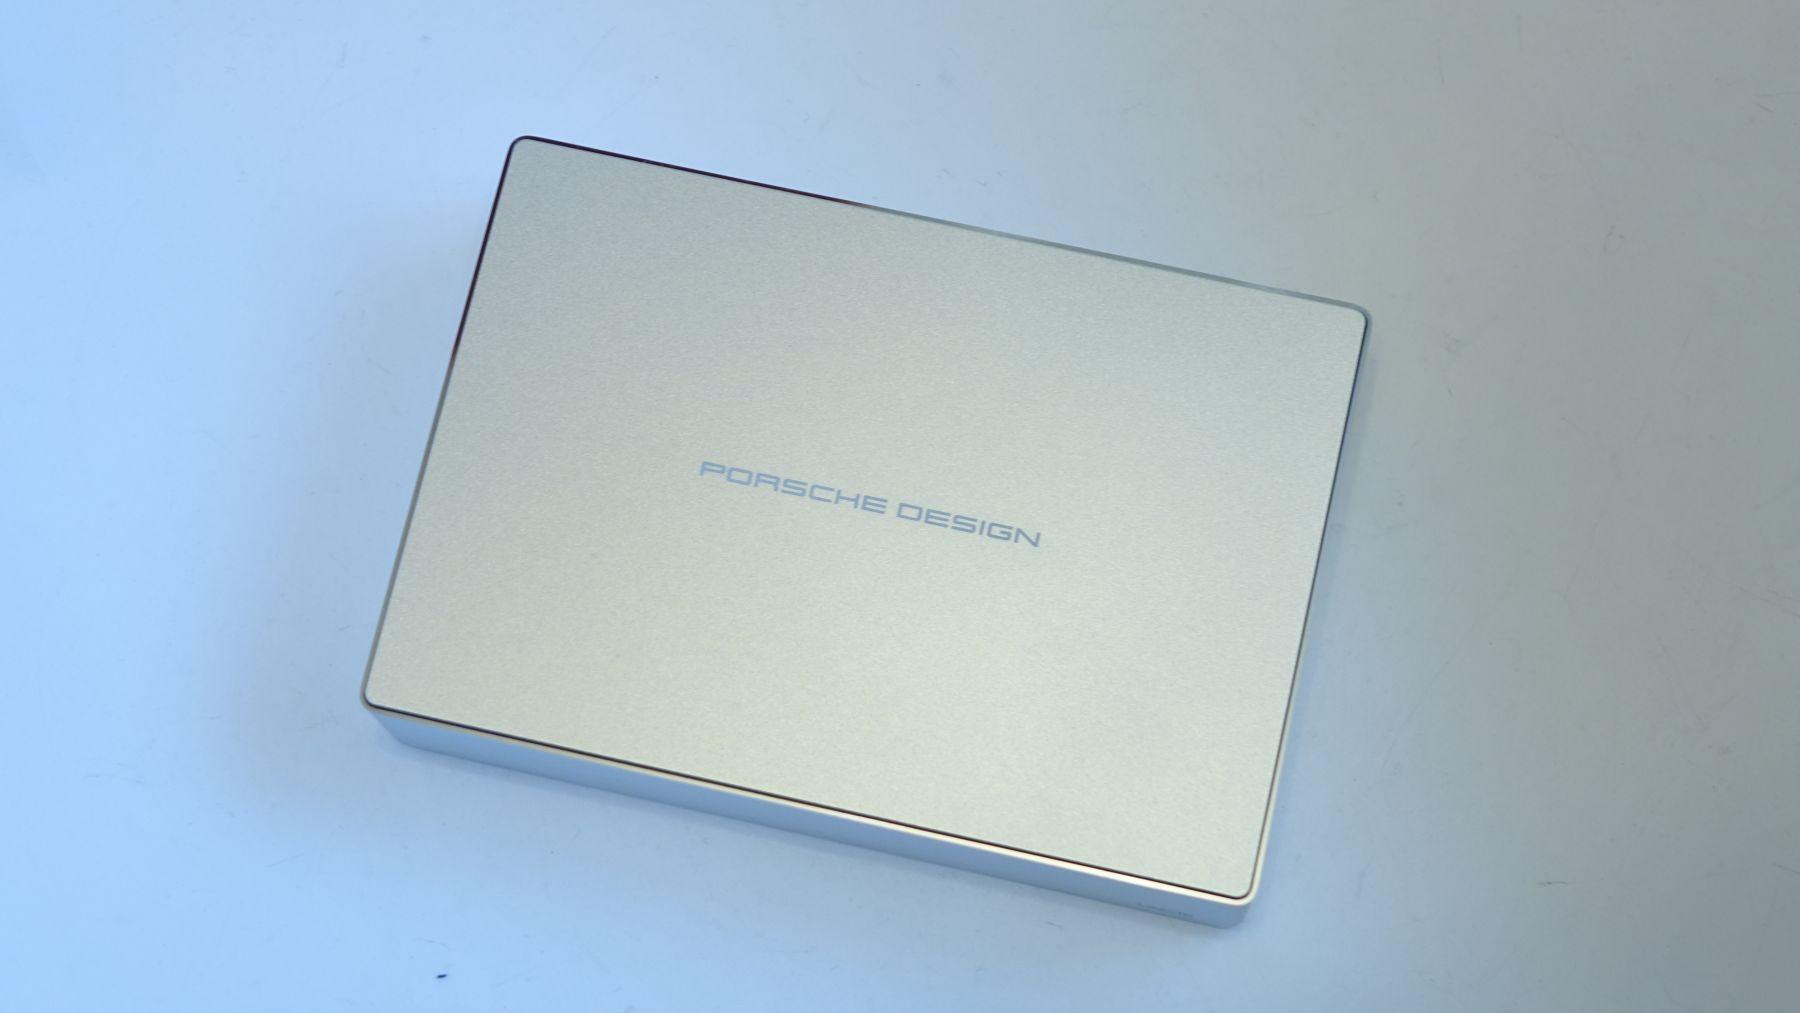 LaCie Porsche Design Desktop Drive